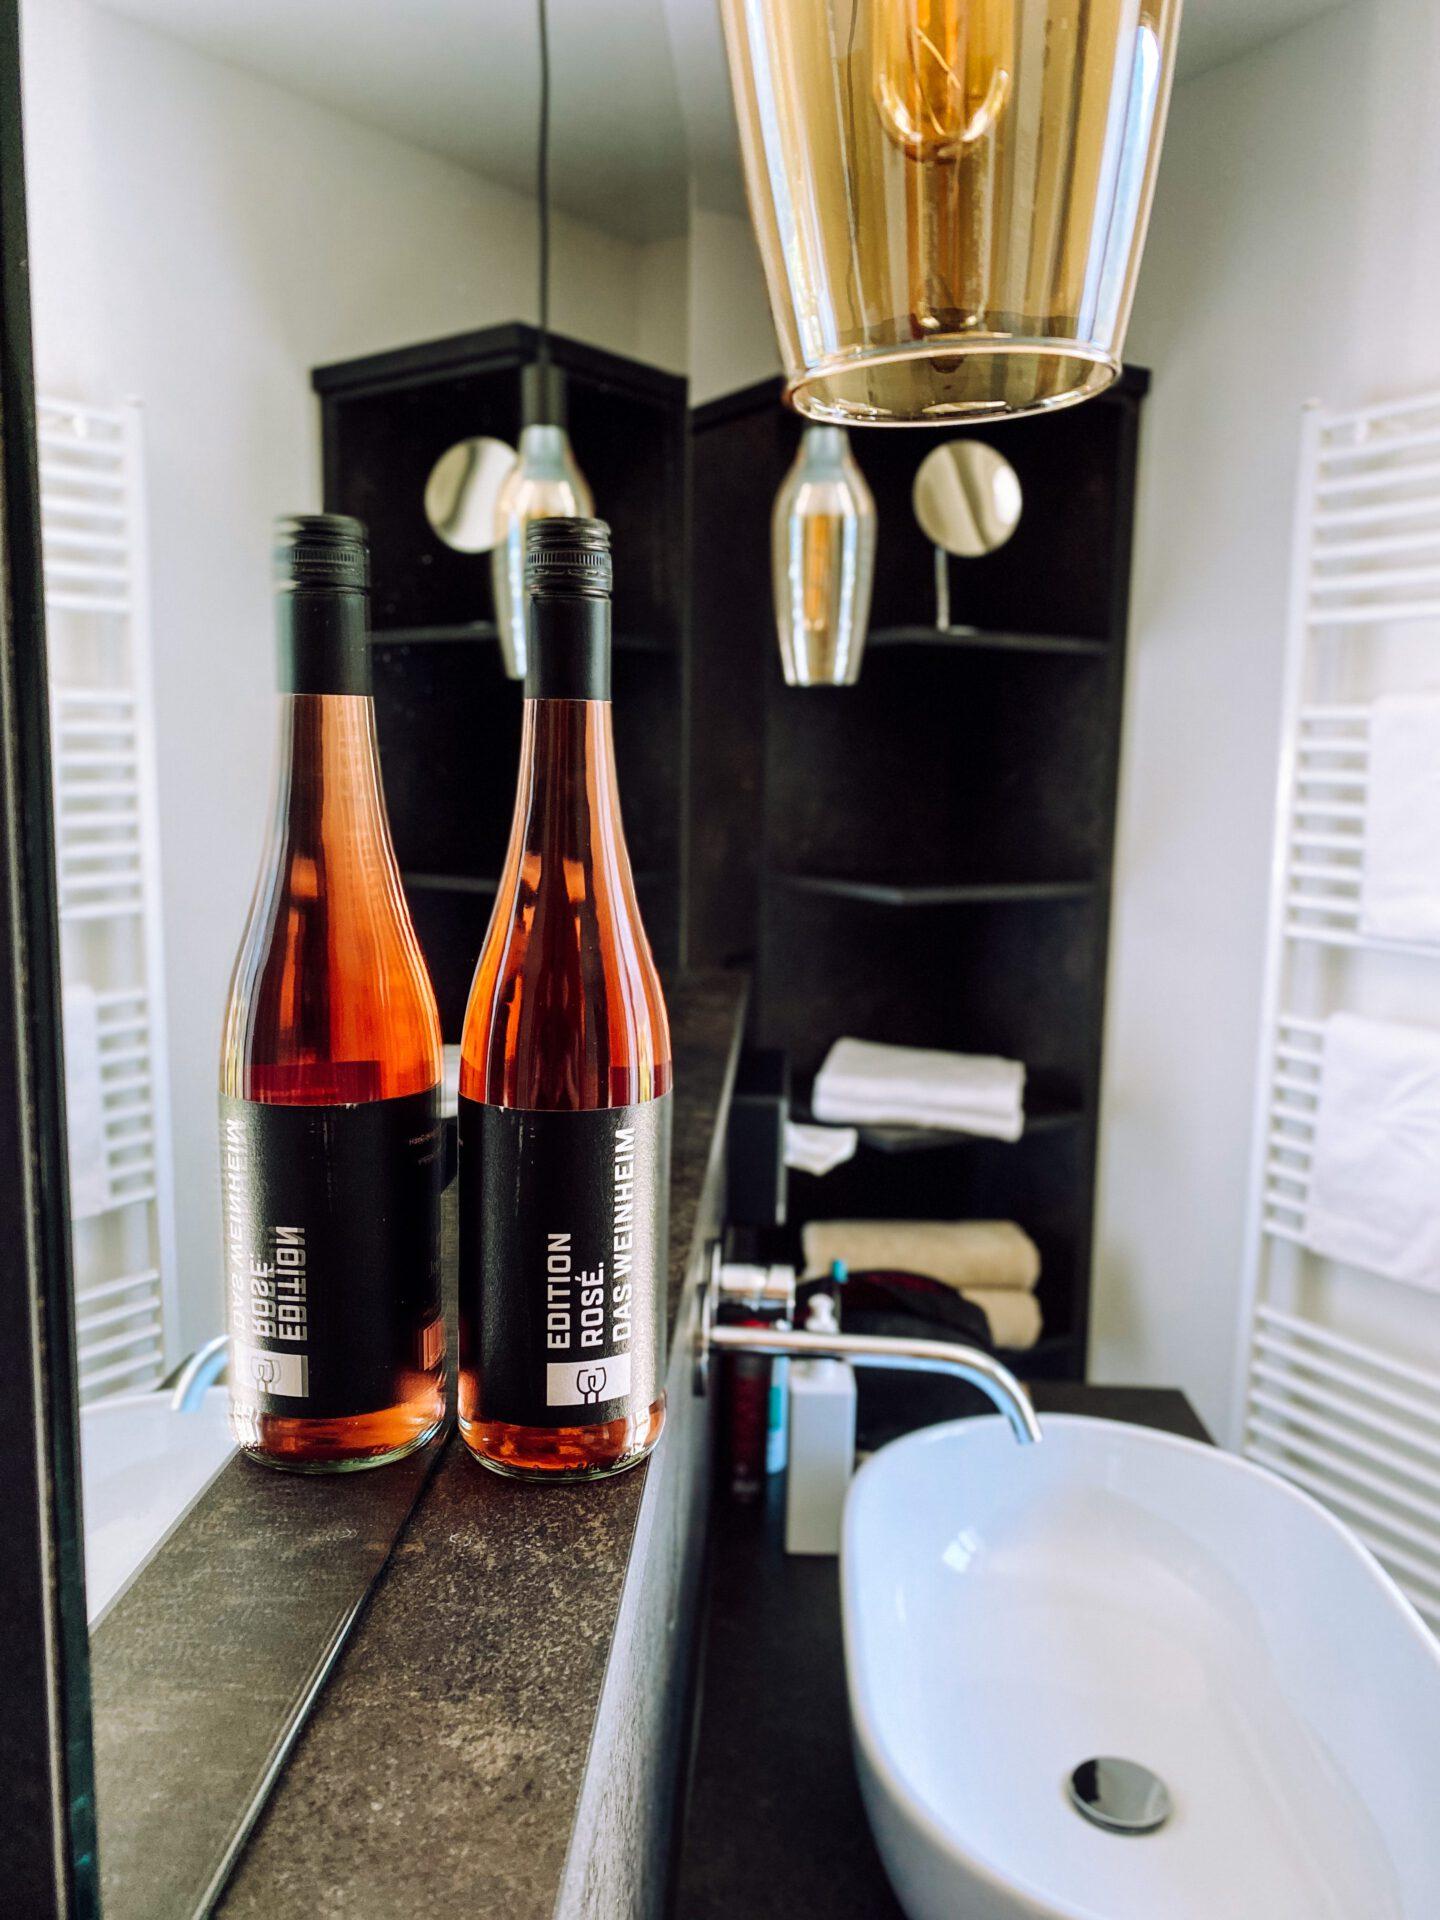 weinkaufsliste mein matillhof vinum hotels das weinheim edition rosé wein